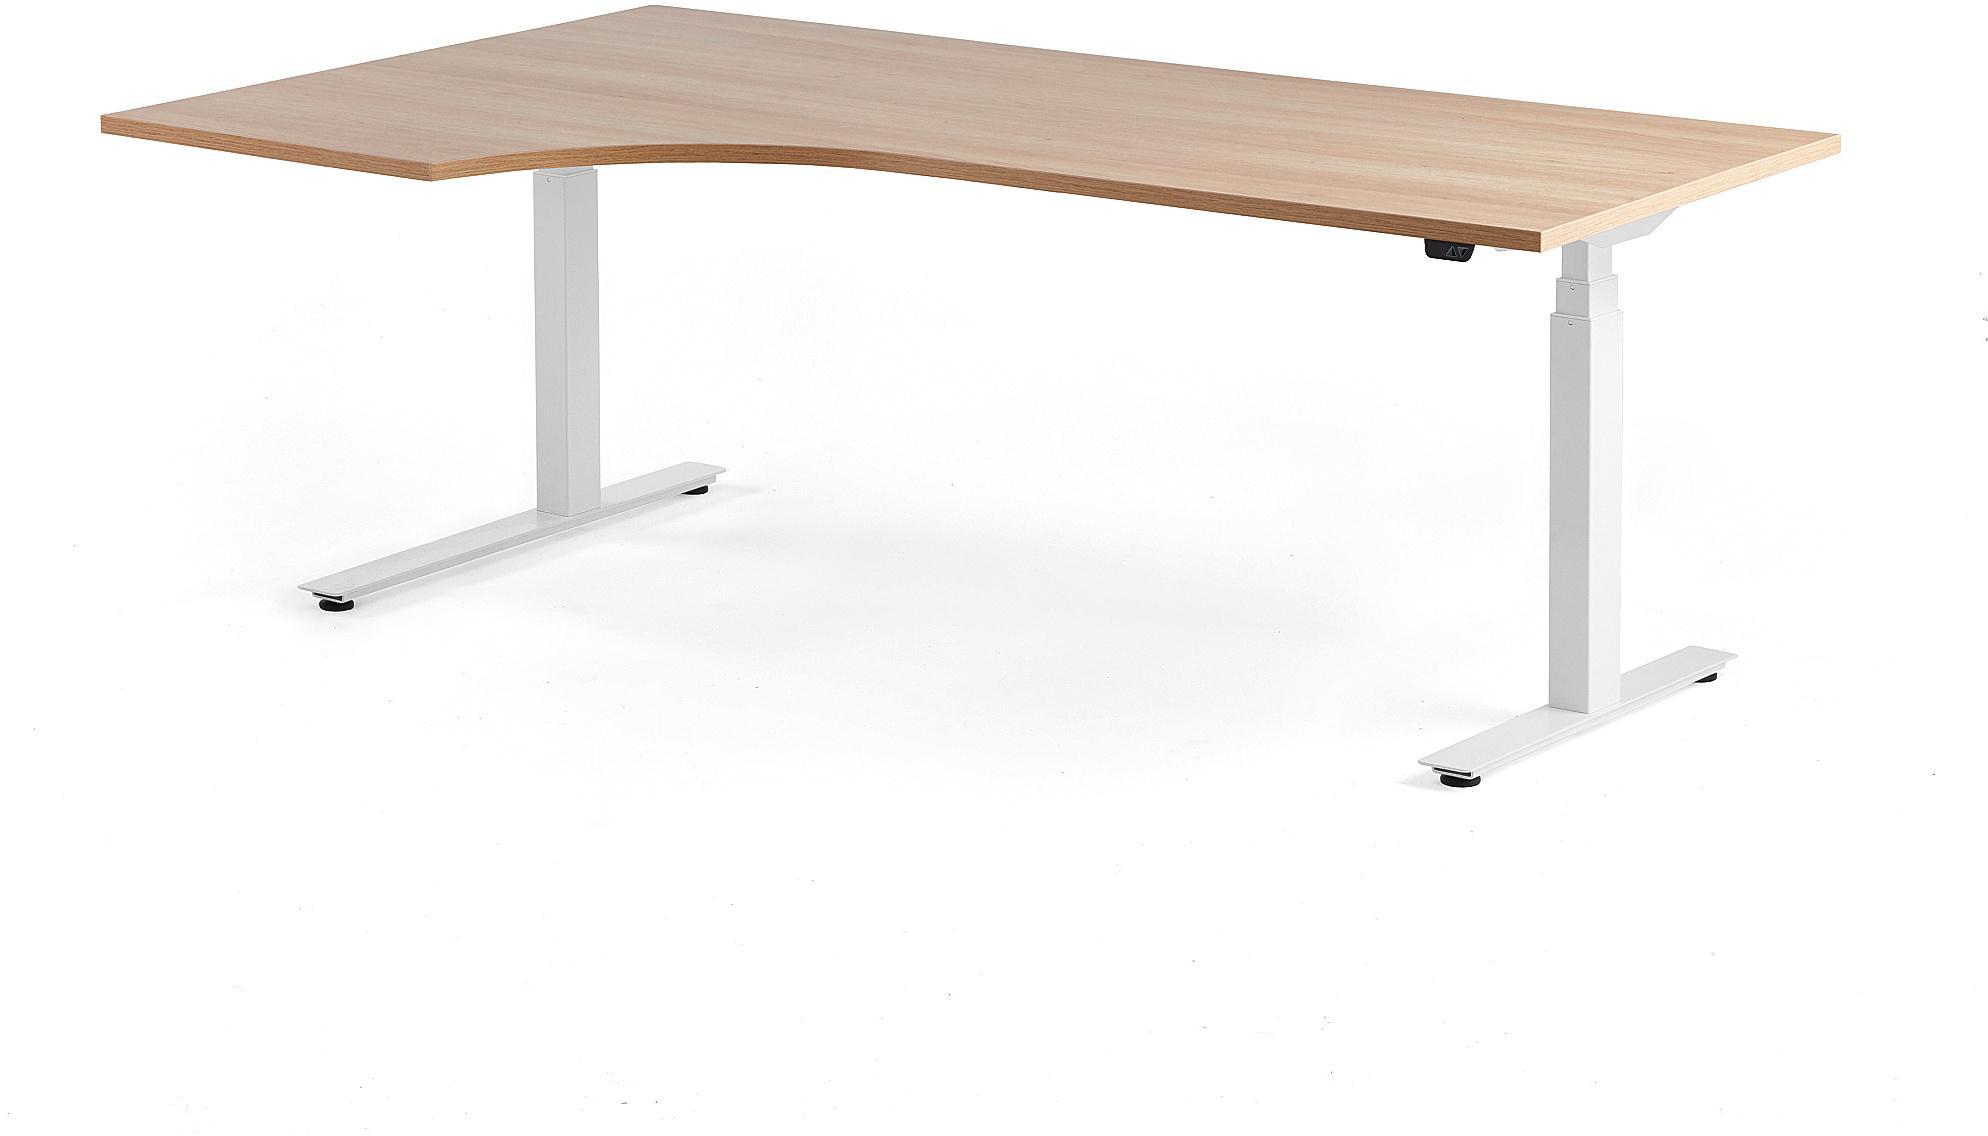 Výškovo nastaviteľný rohový stôl Modulus, 2000x1200 mm, biela, dub